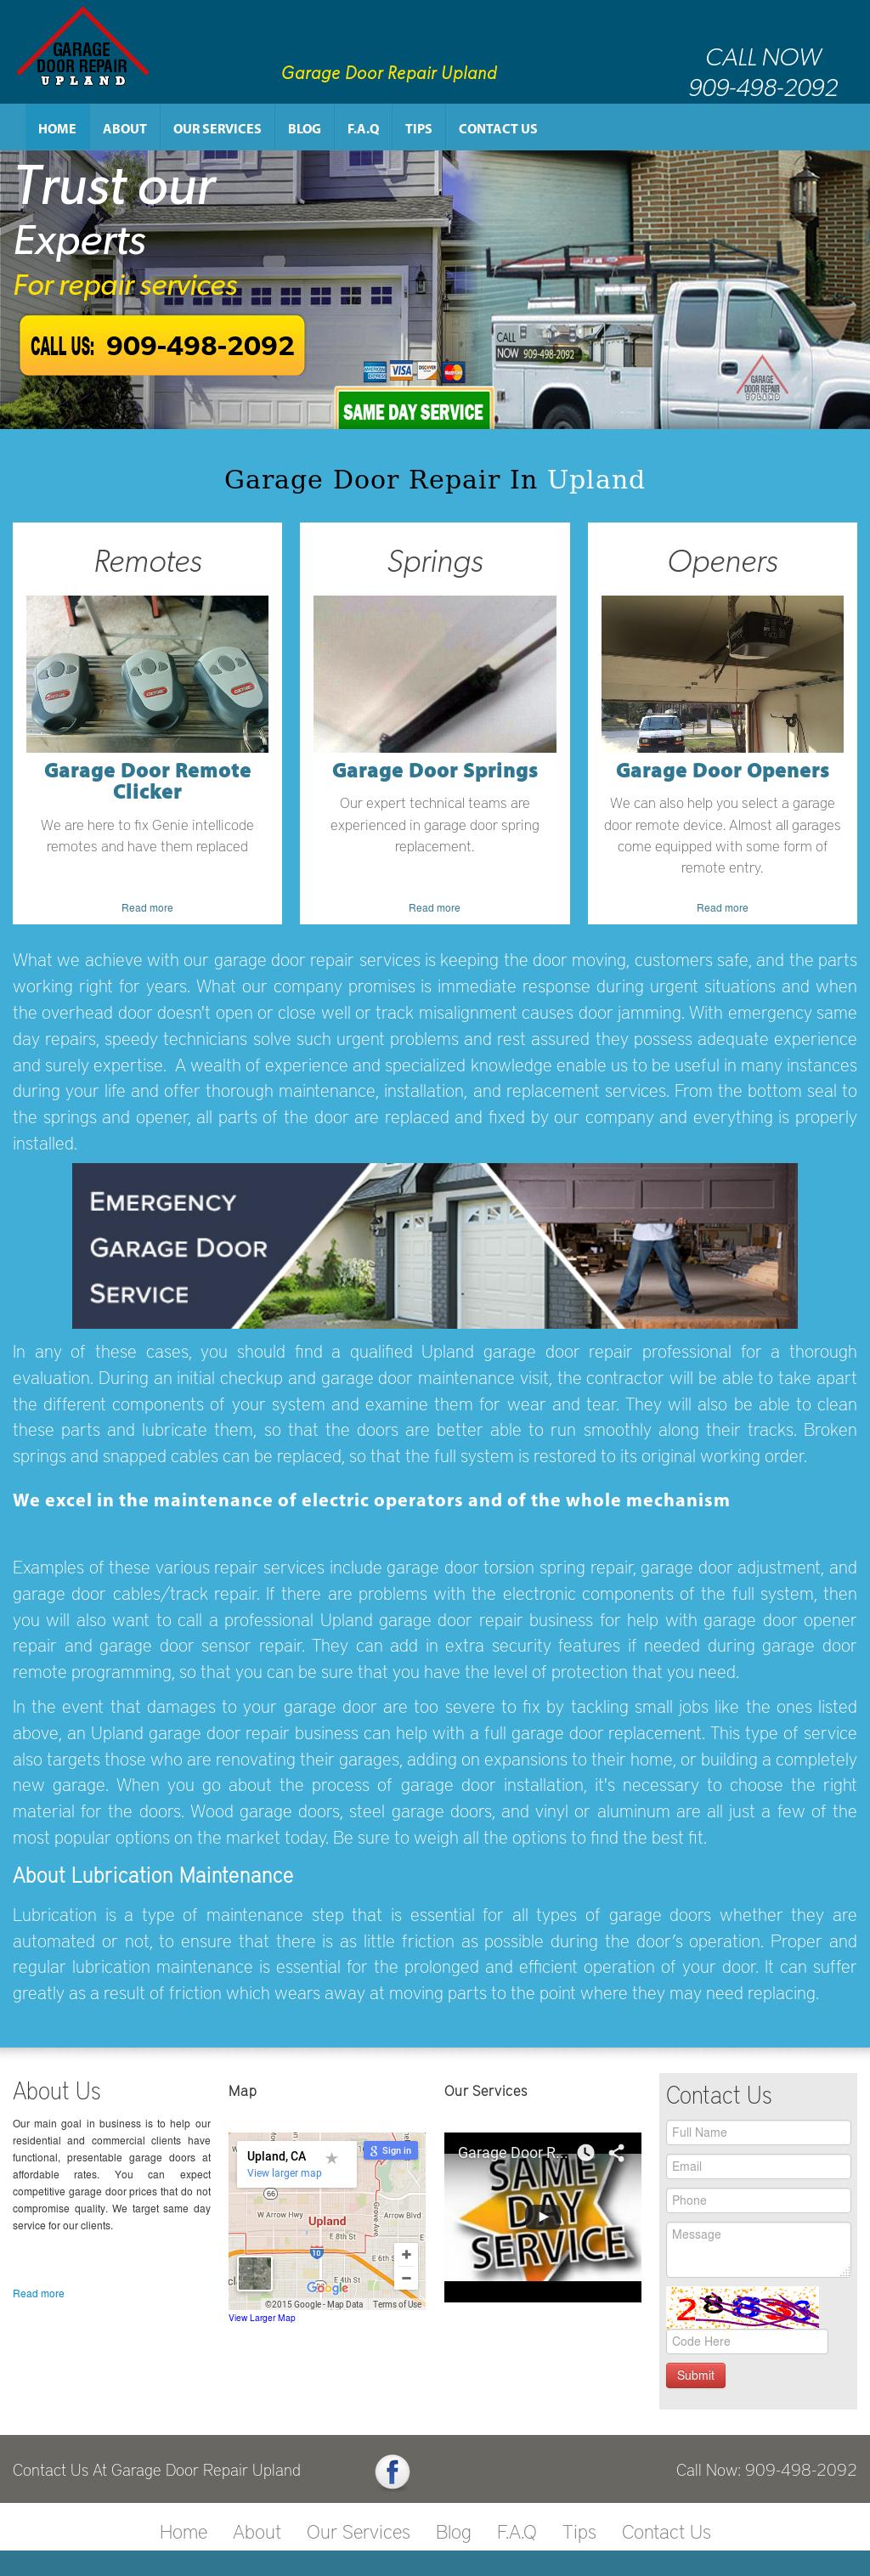 Garage Door Repair Upland Website History